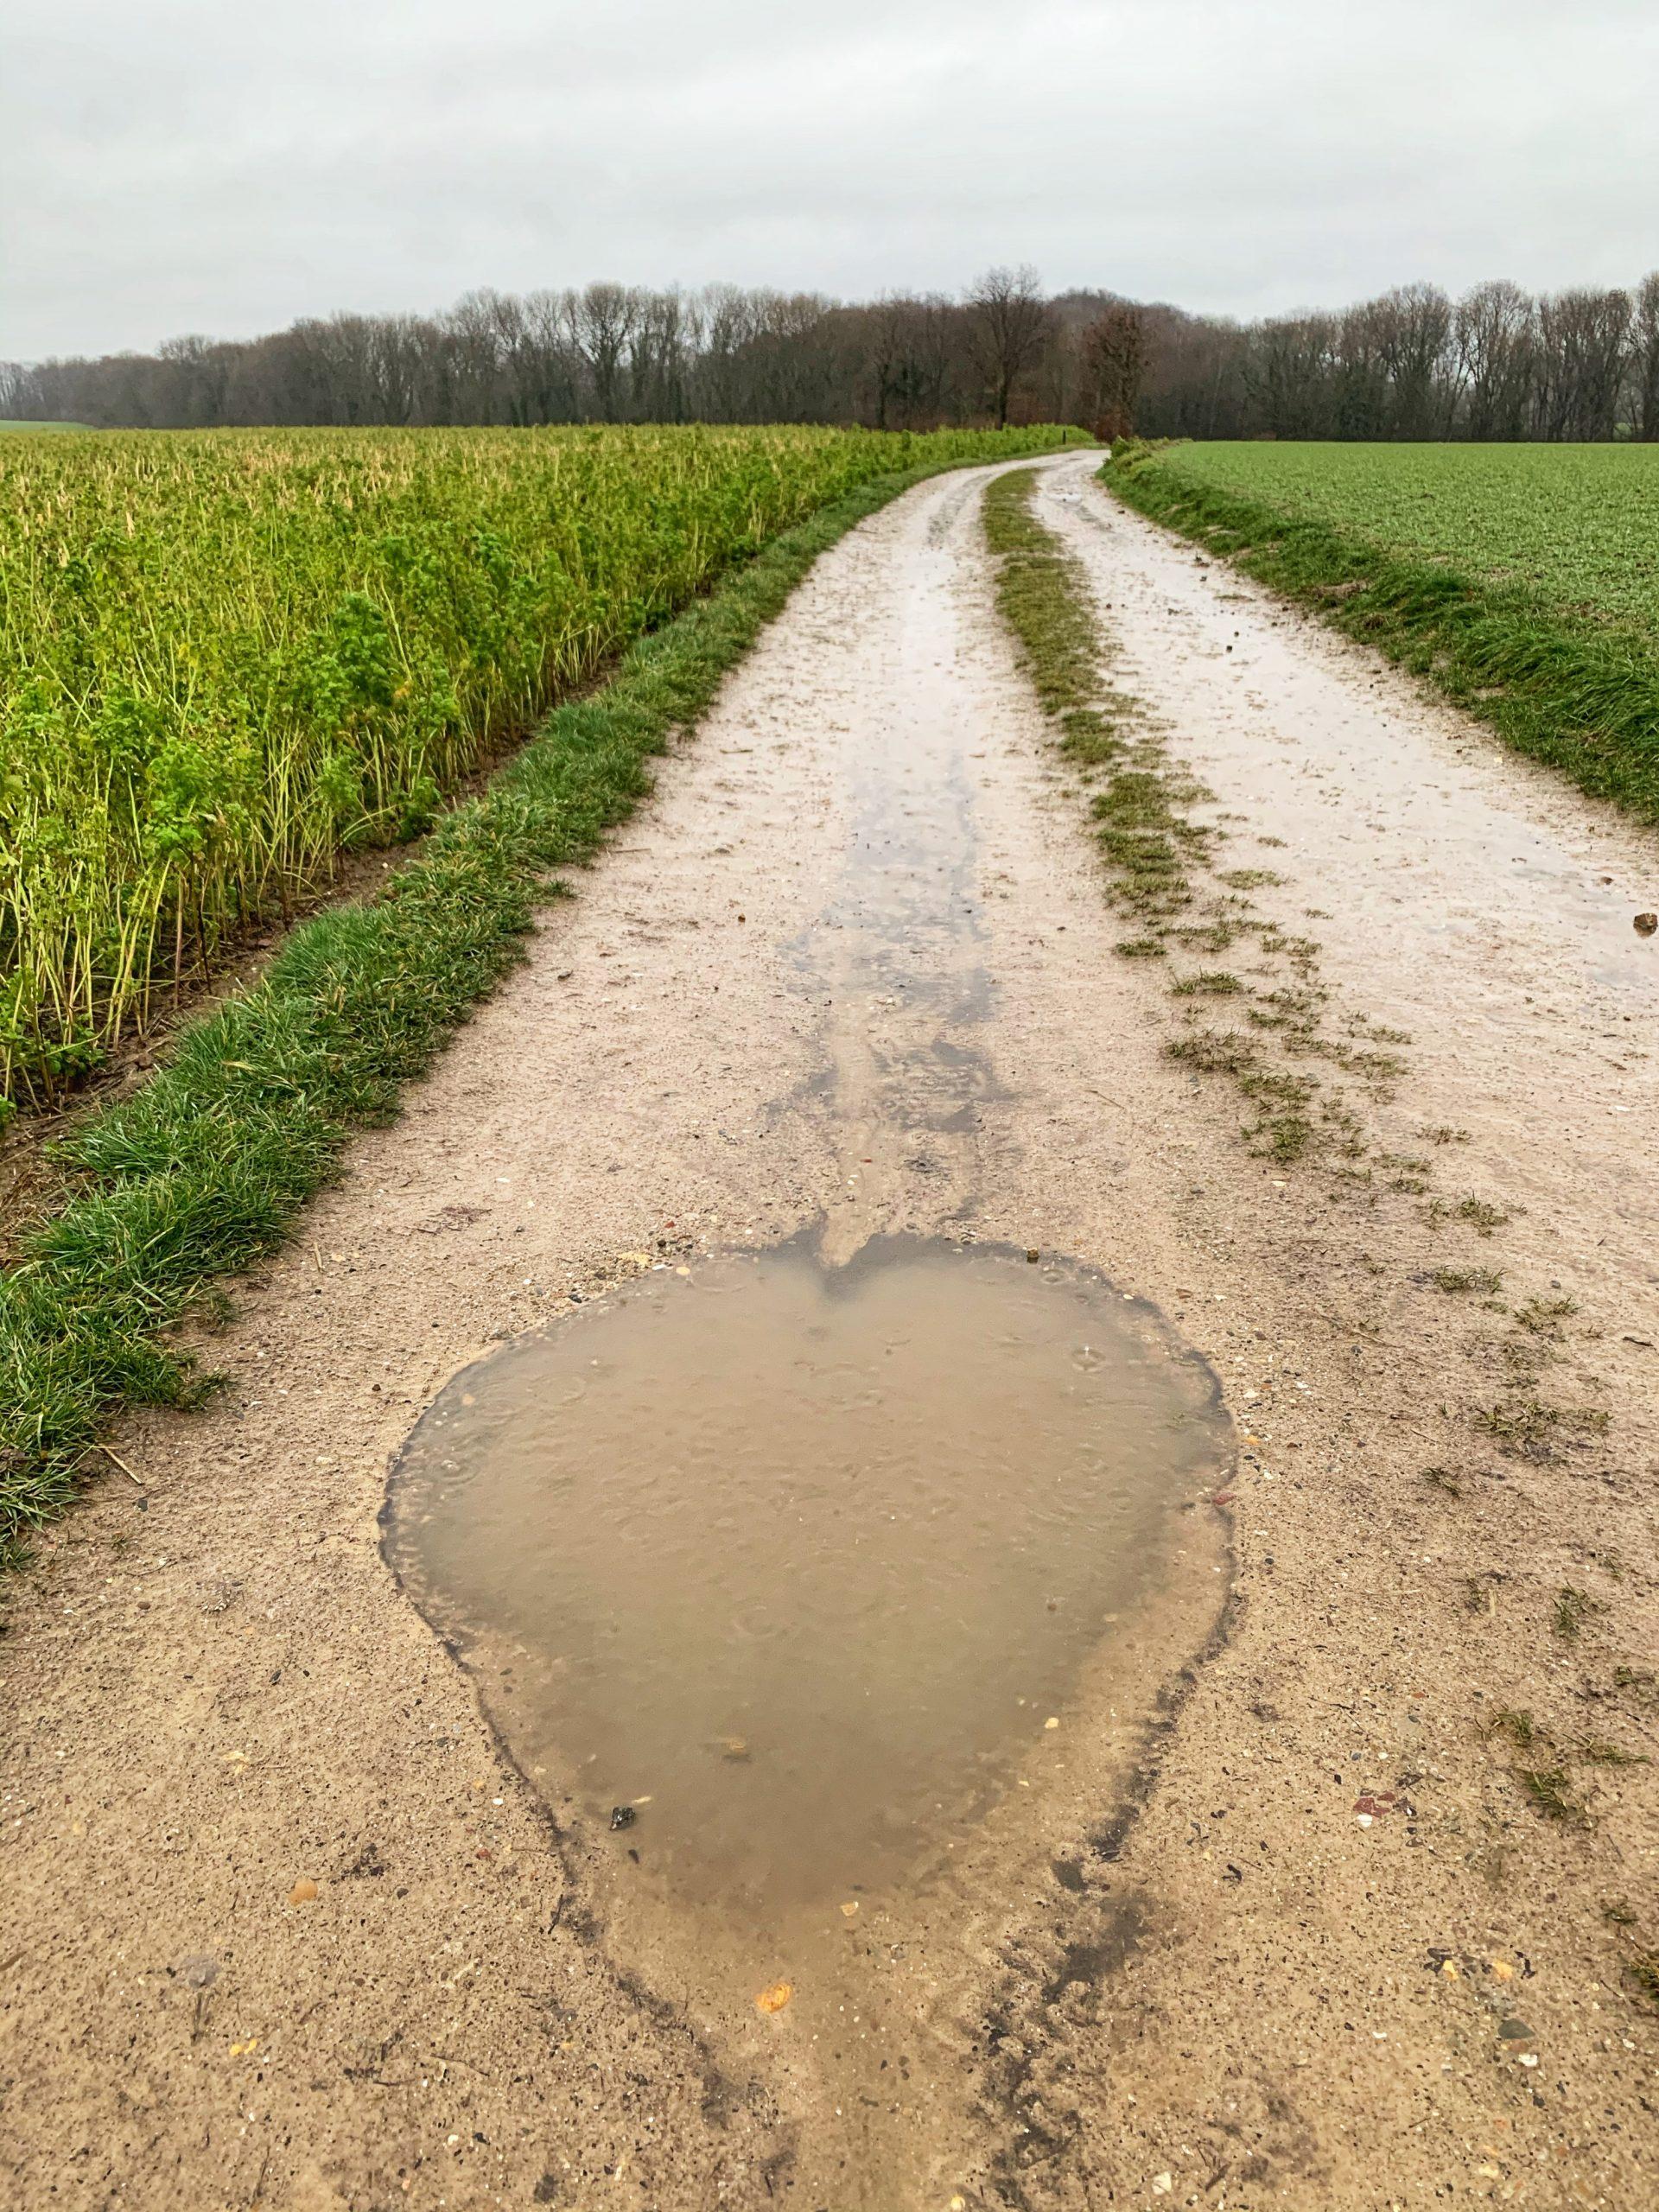 cammino della fortuna dag 28 liefde voor jezelf